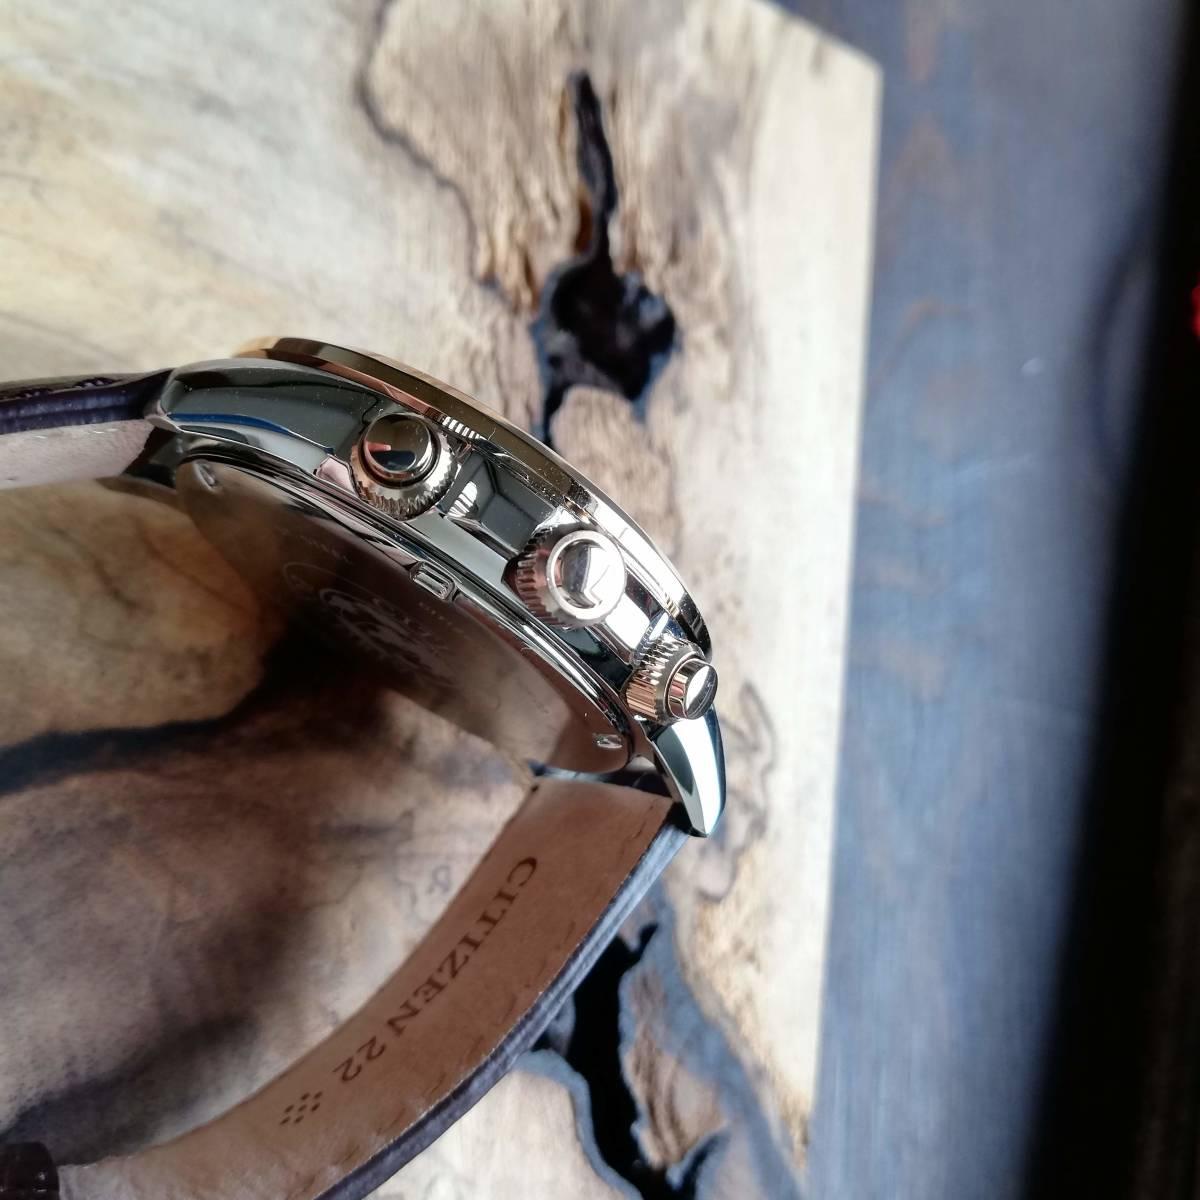 新品未使用 CITIZEN BL8148-11H ソーラーECO-DRIVEエコドライブシチズンメンズ腕時計箱あり人気ブランド高級1円スタート